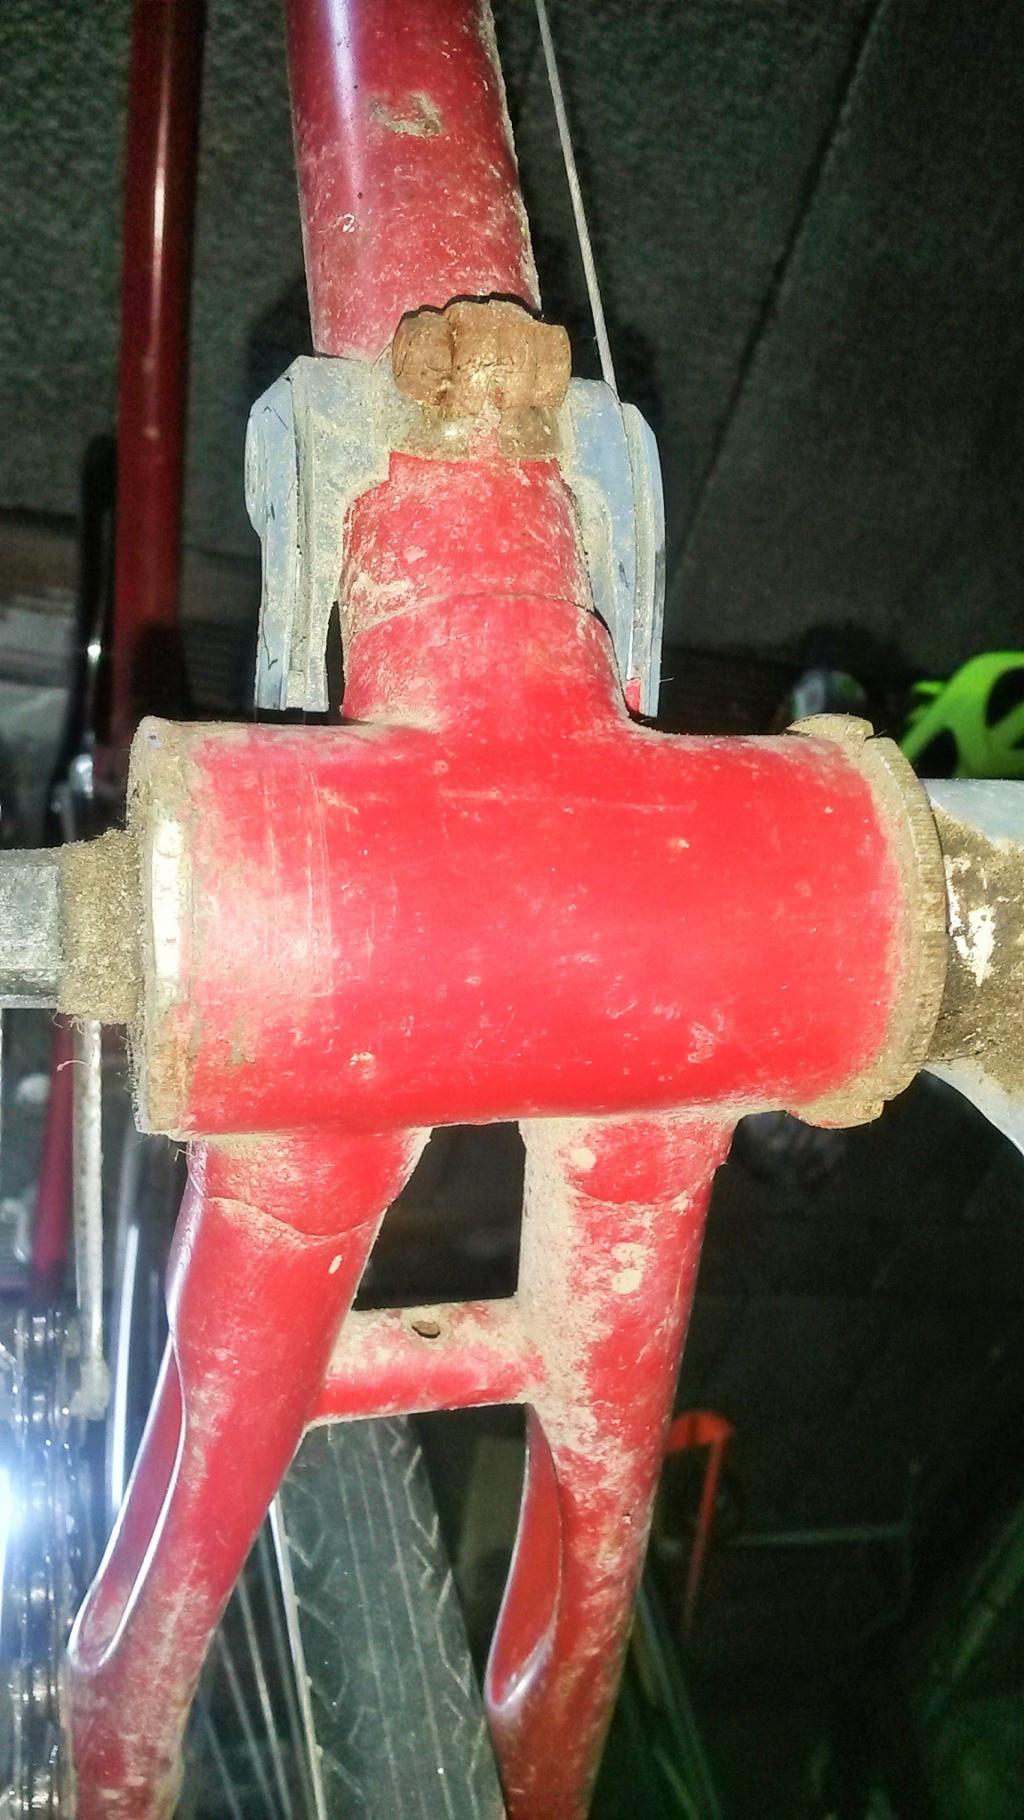 vélo de course a raccord NERVEX 1970 -75 01520